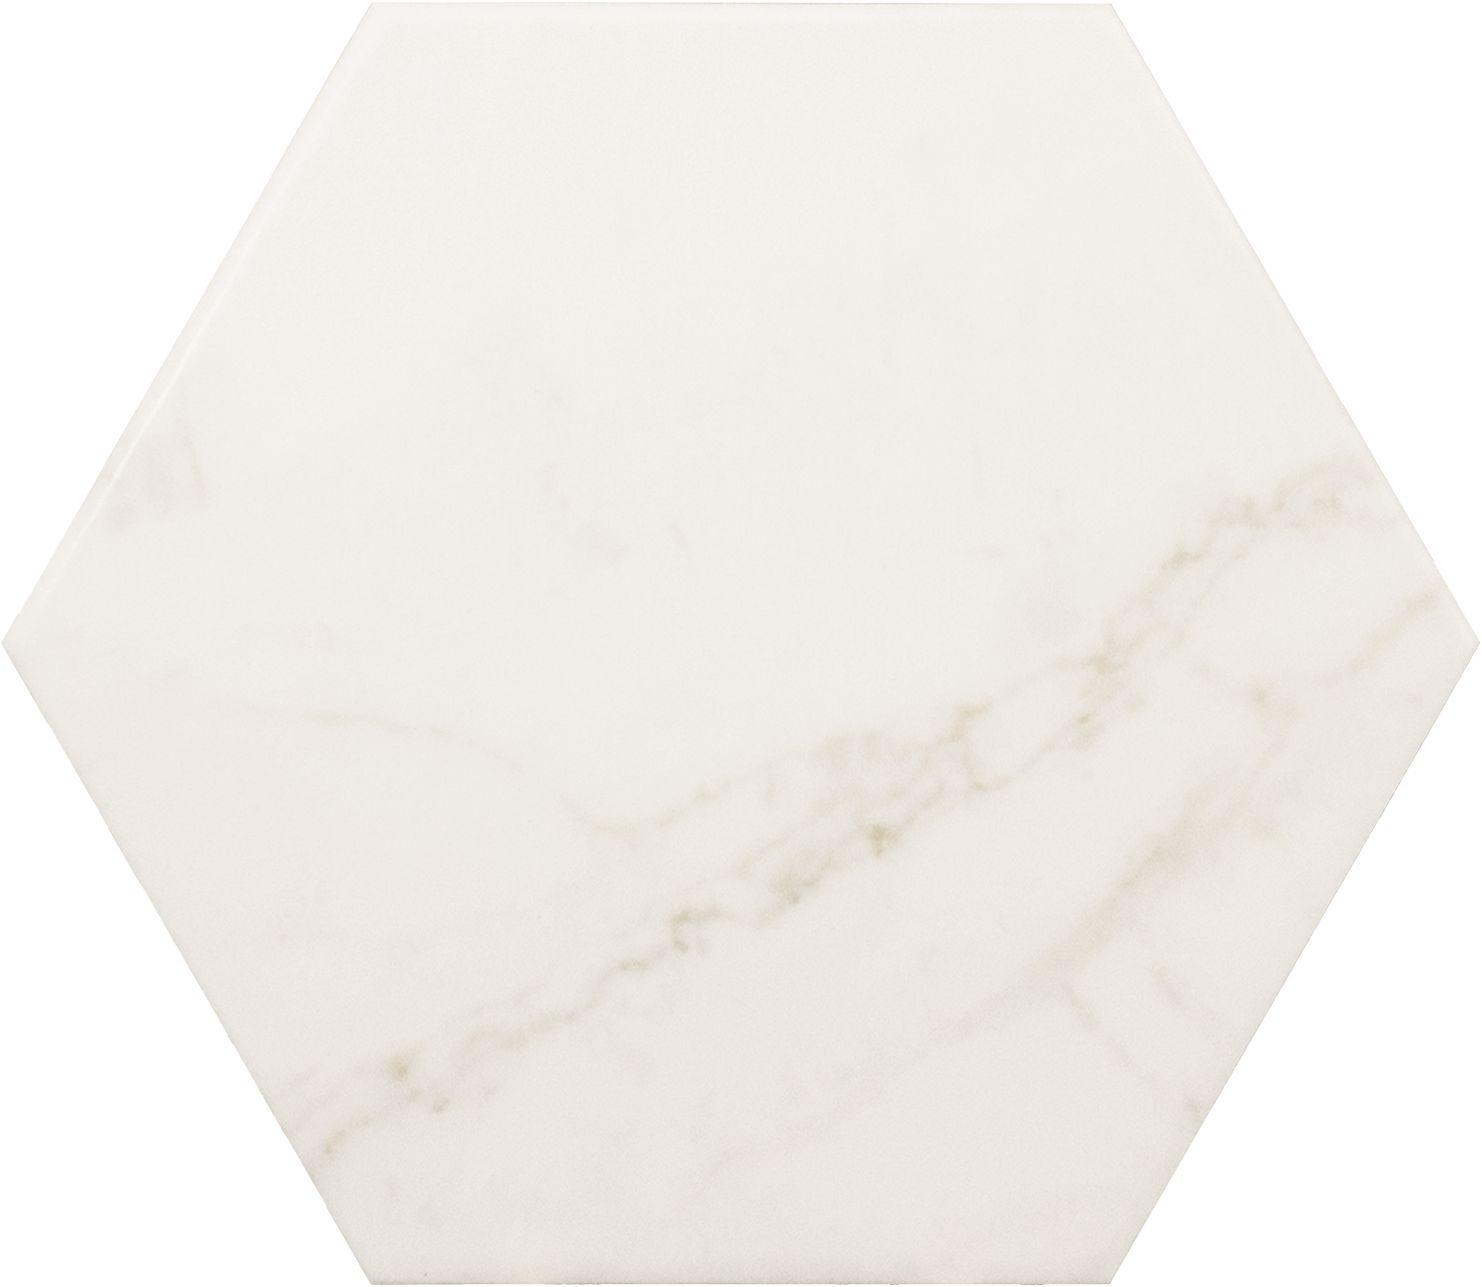 equipe hexagon biały marmur płytka na ściane podłoge 17,5x20 łazienka biały marmur